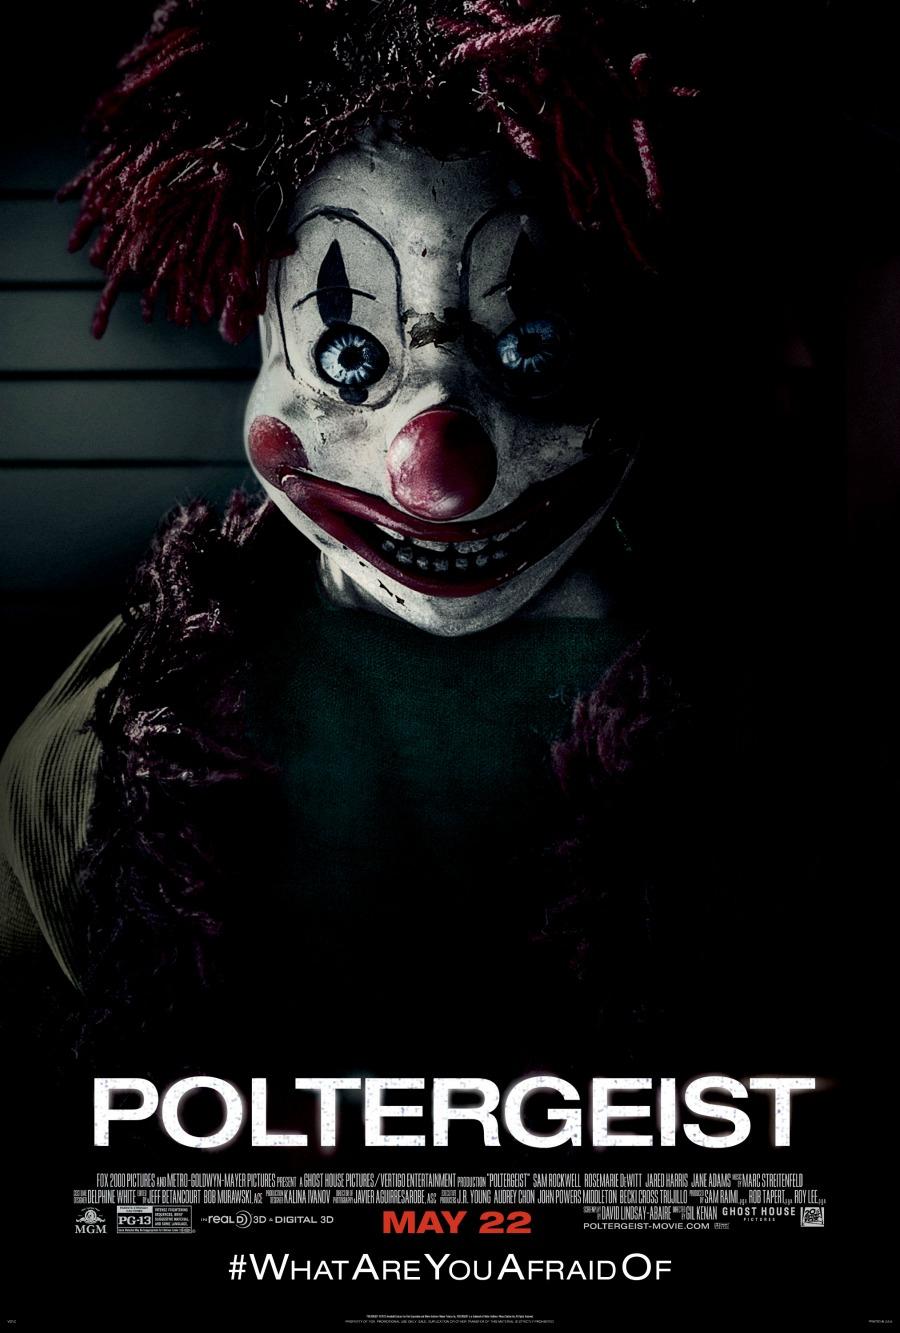 Poltergeist-3D-poster-2